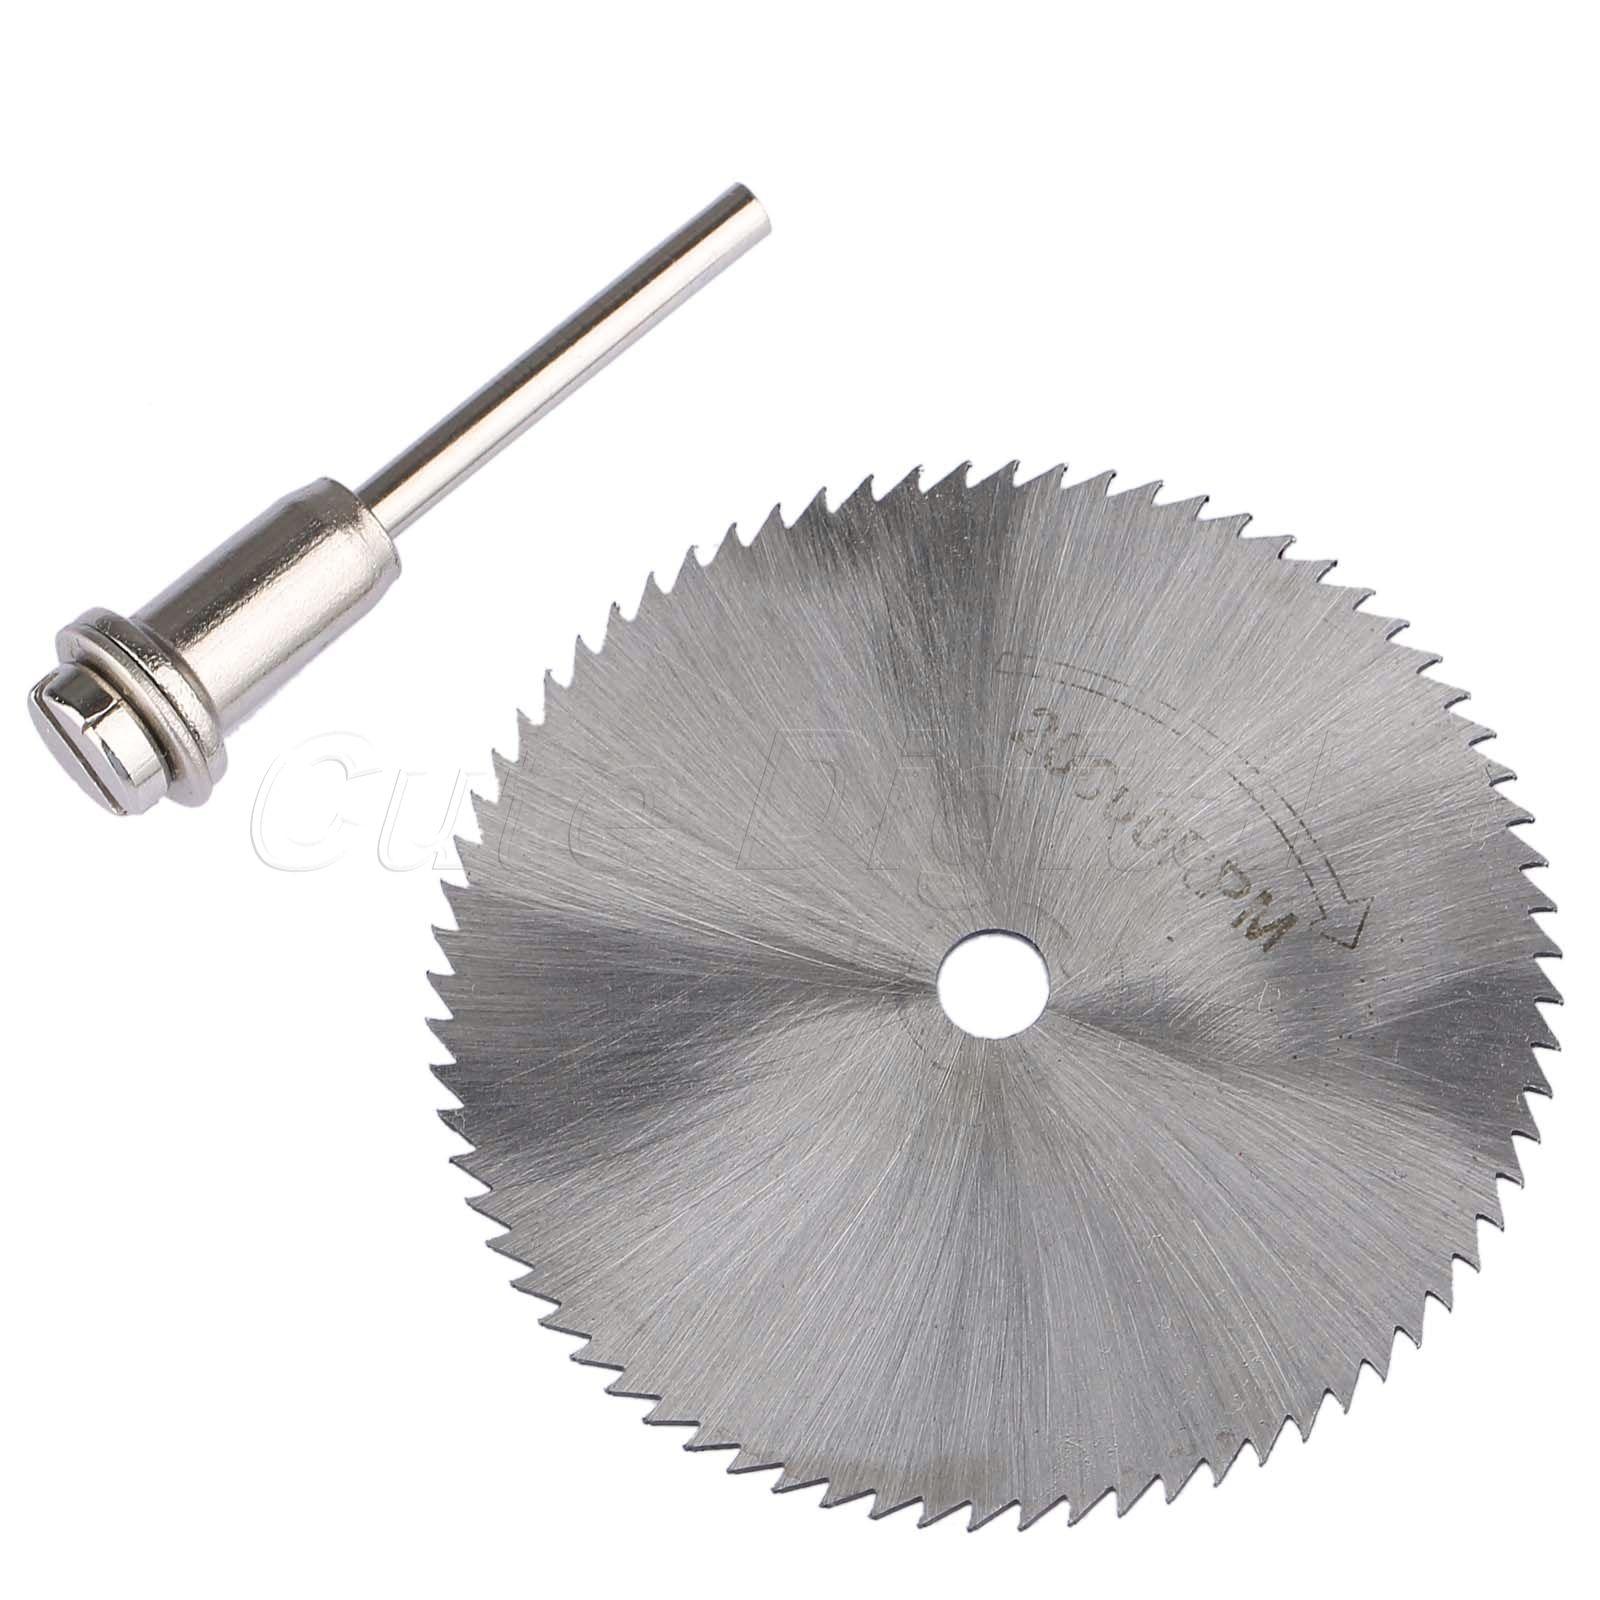 5PCS  4/'/' Cut Off Wheel Rotary Tool Circular Saw Blades Discs Mandrel Metal